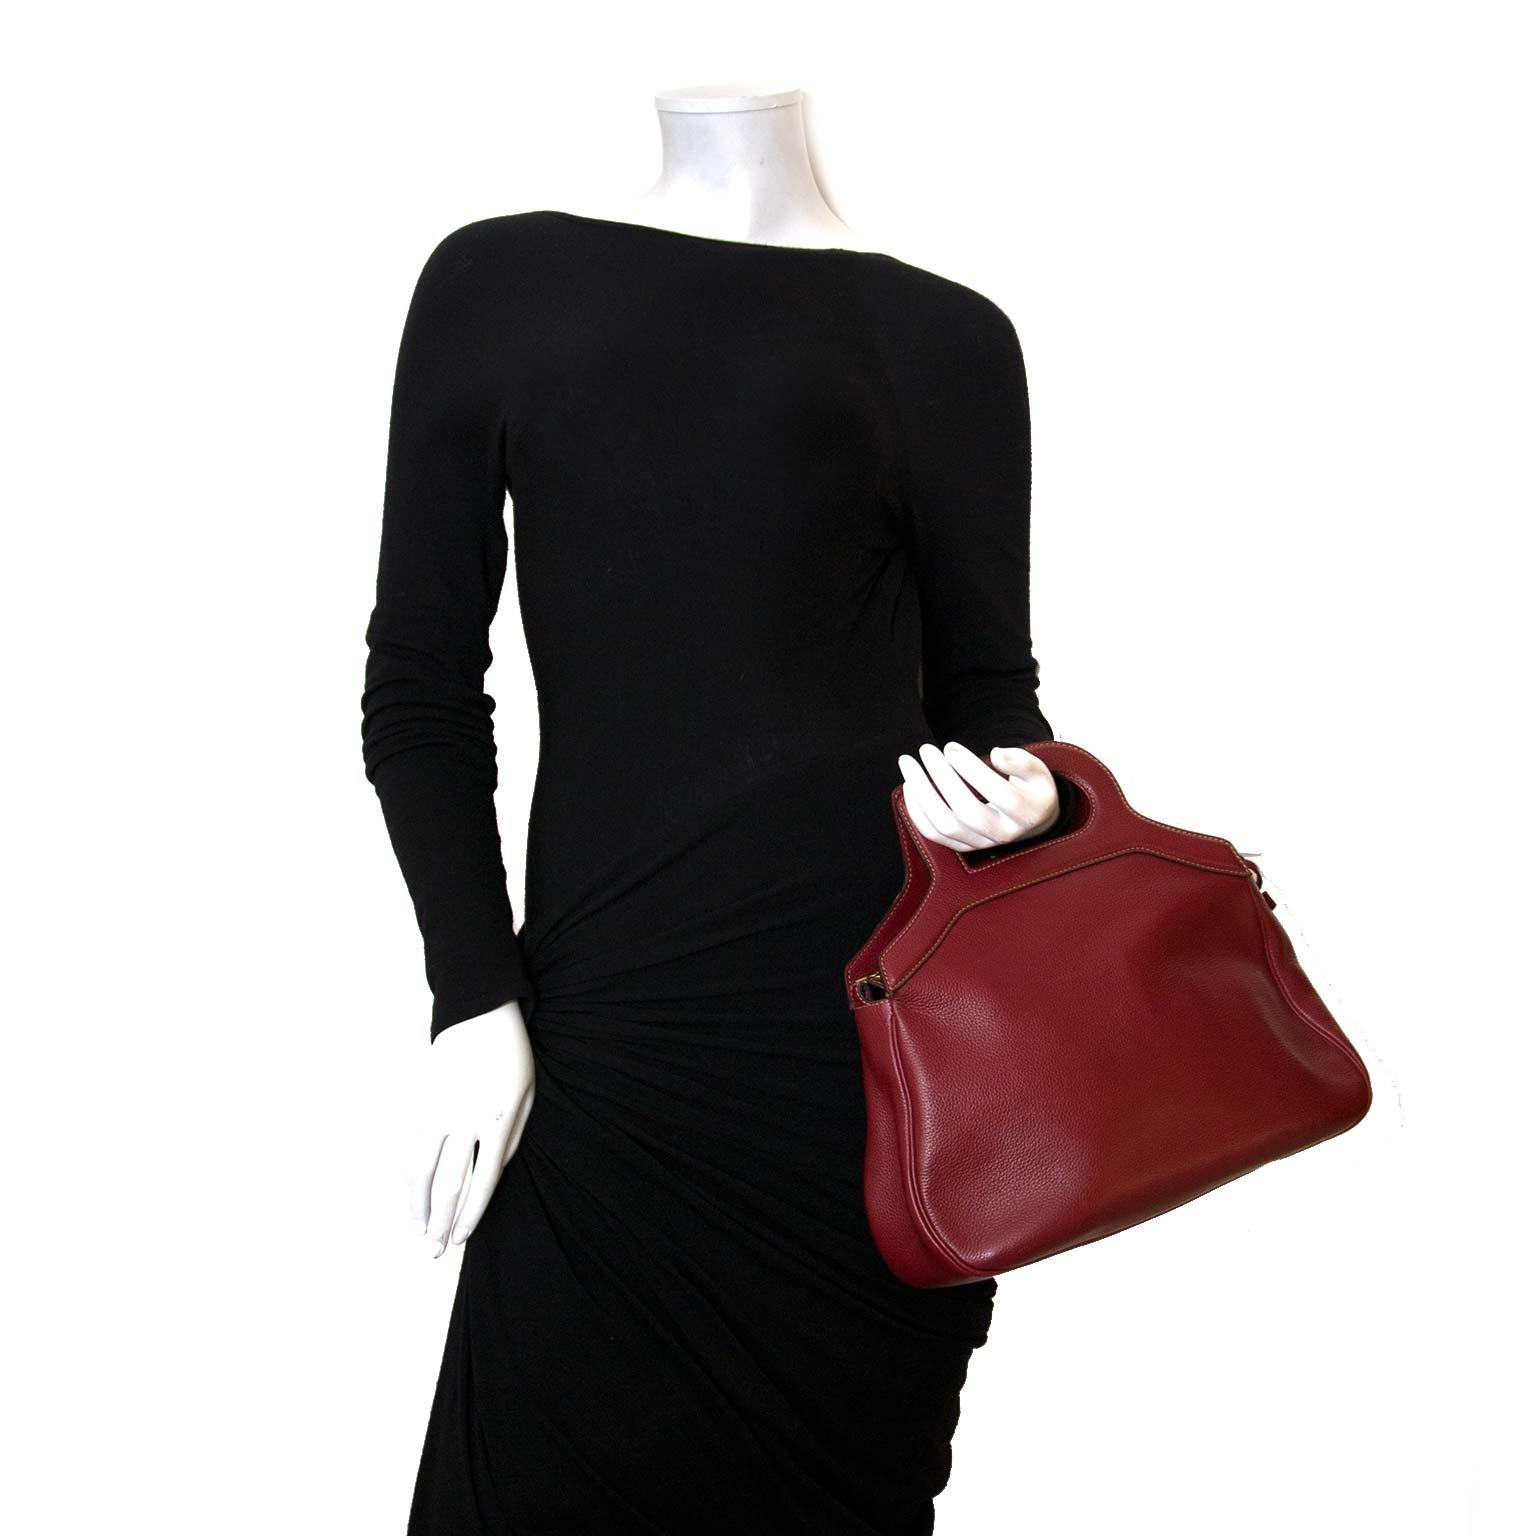 Koop authentieke delvaux d top handle tassen nu online bij labellov vintage mode webshop